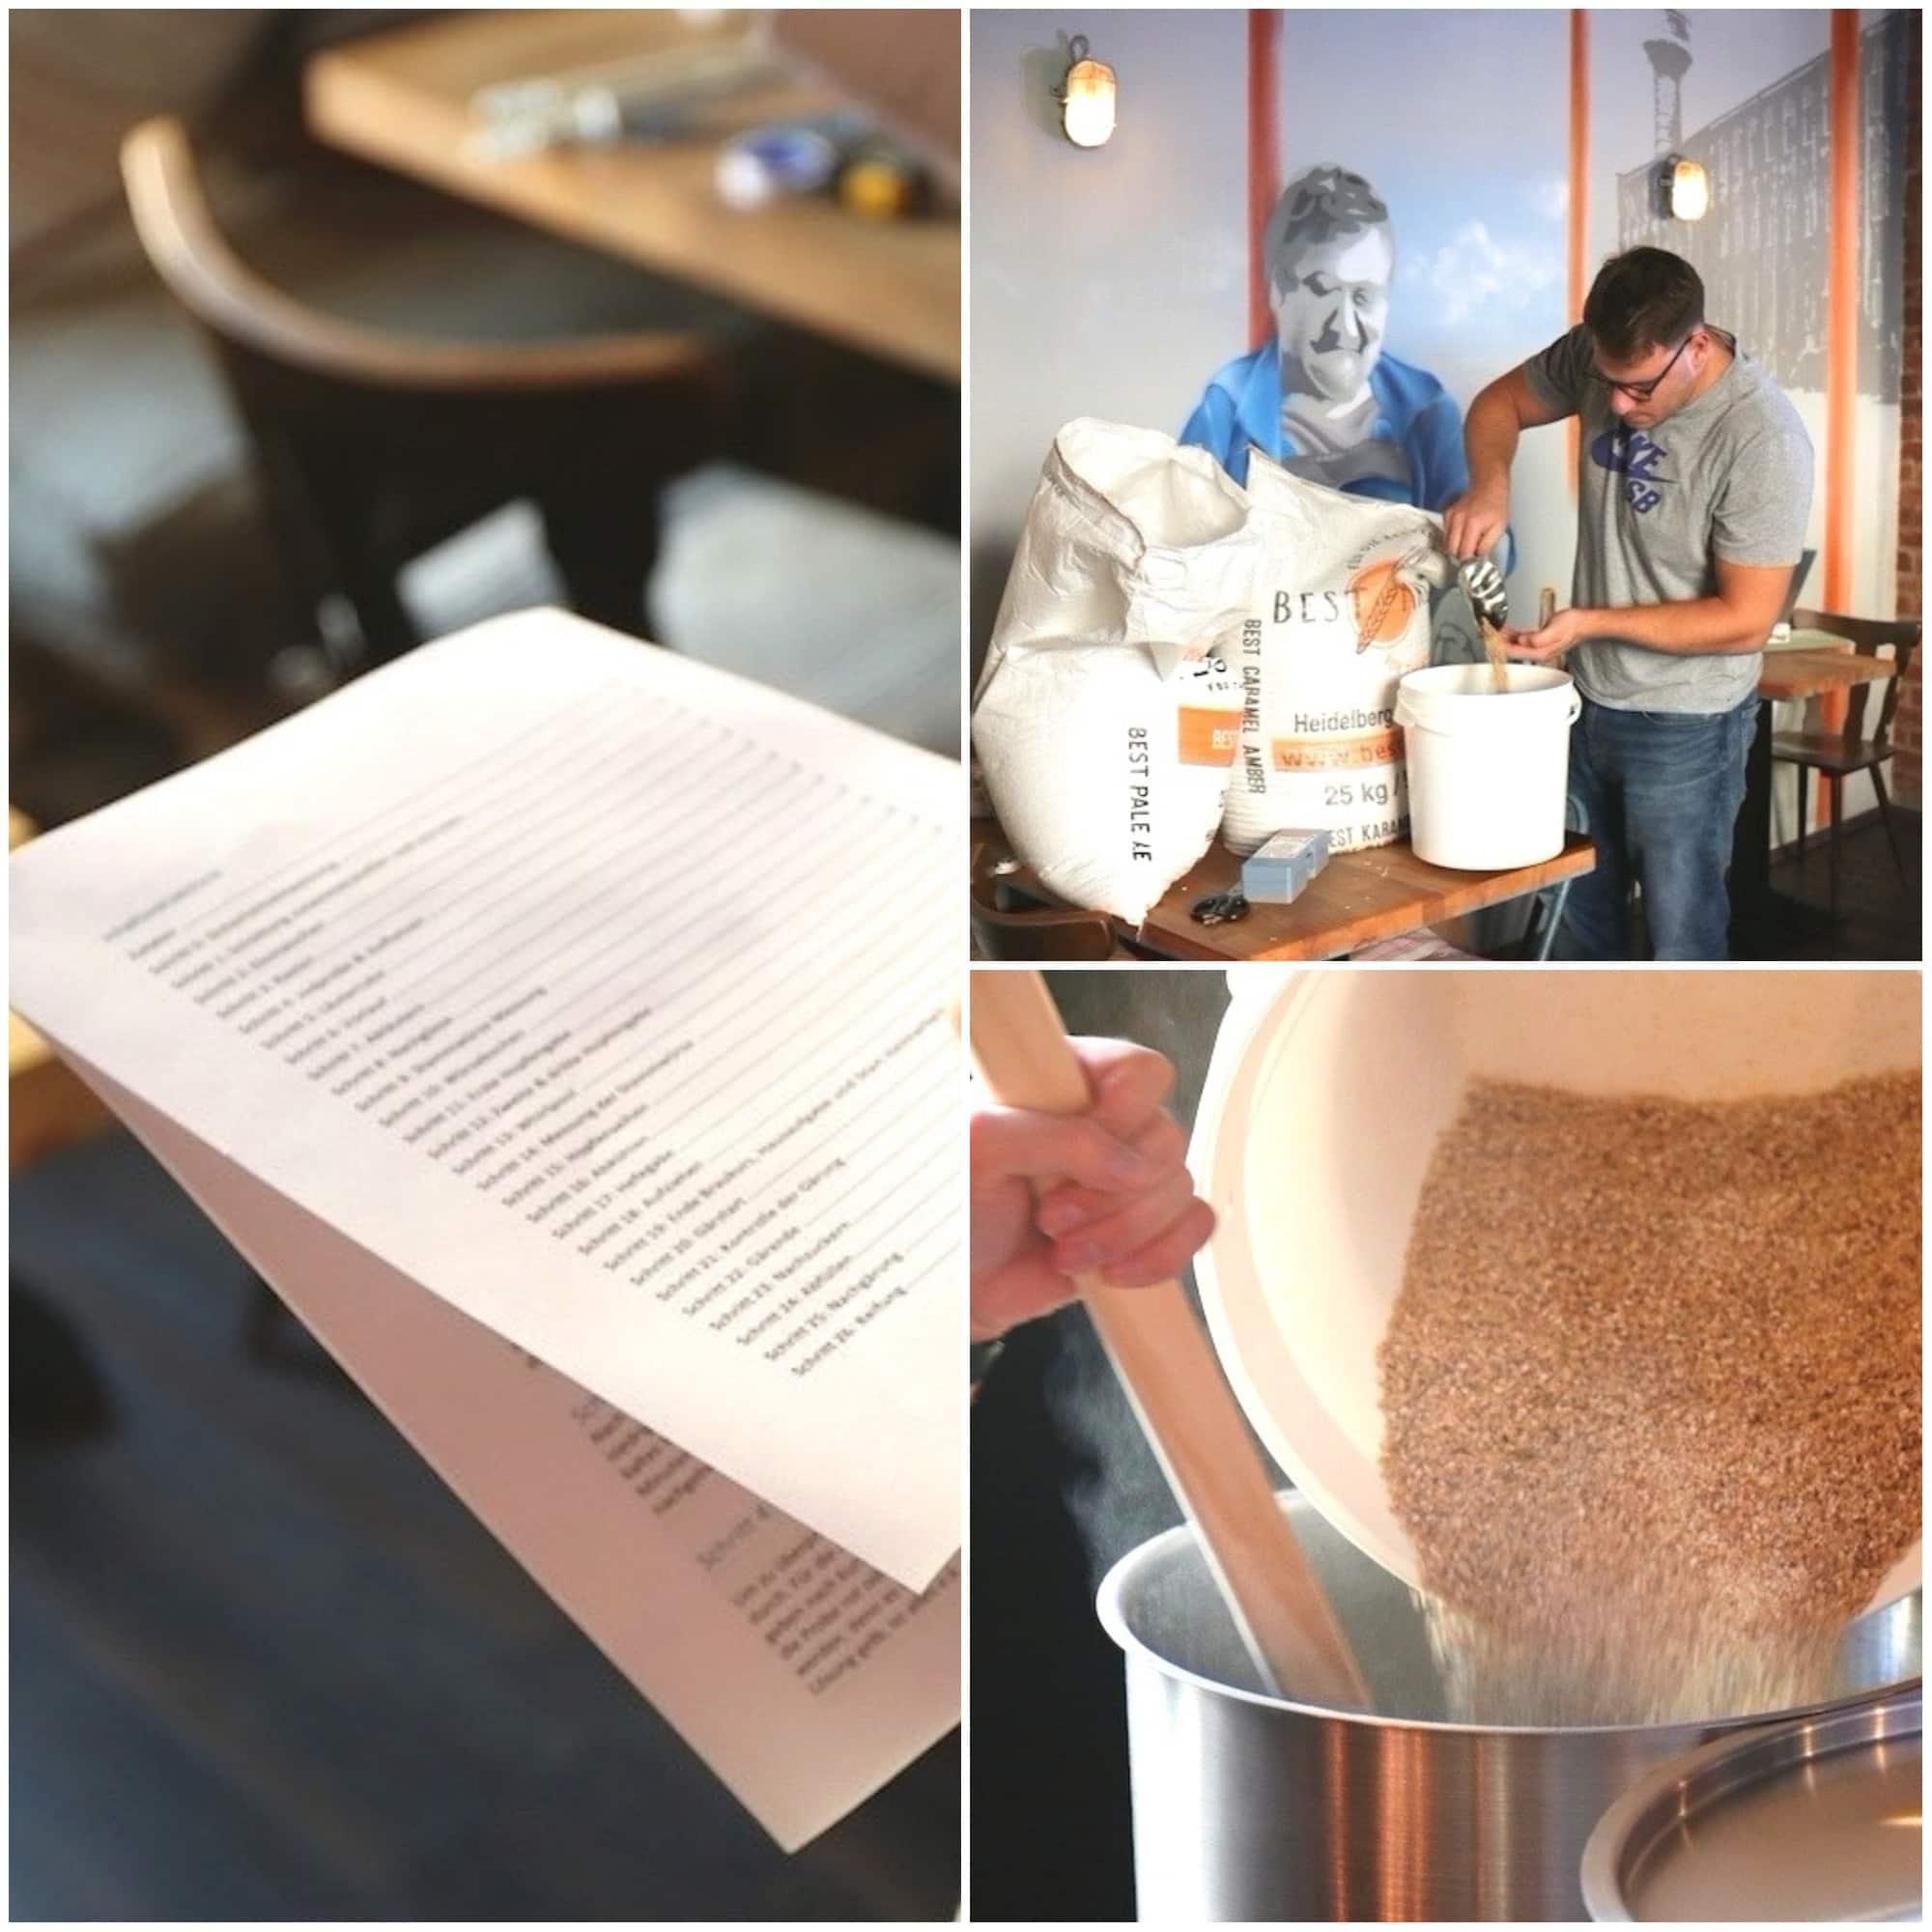 Style Hannover Bier Braukurs Jos Food and Craft 1 - Braukurse bei Jo's Food & Craft - Mehr als Pils und Helles